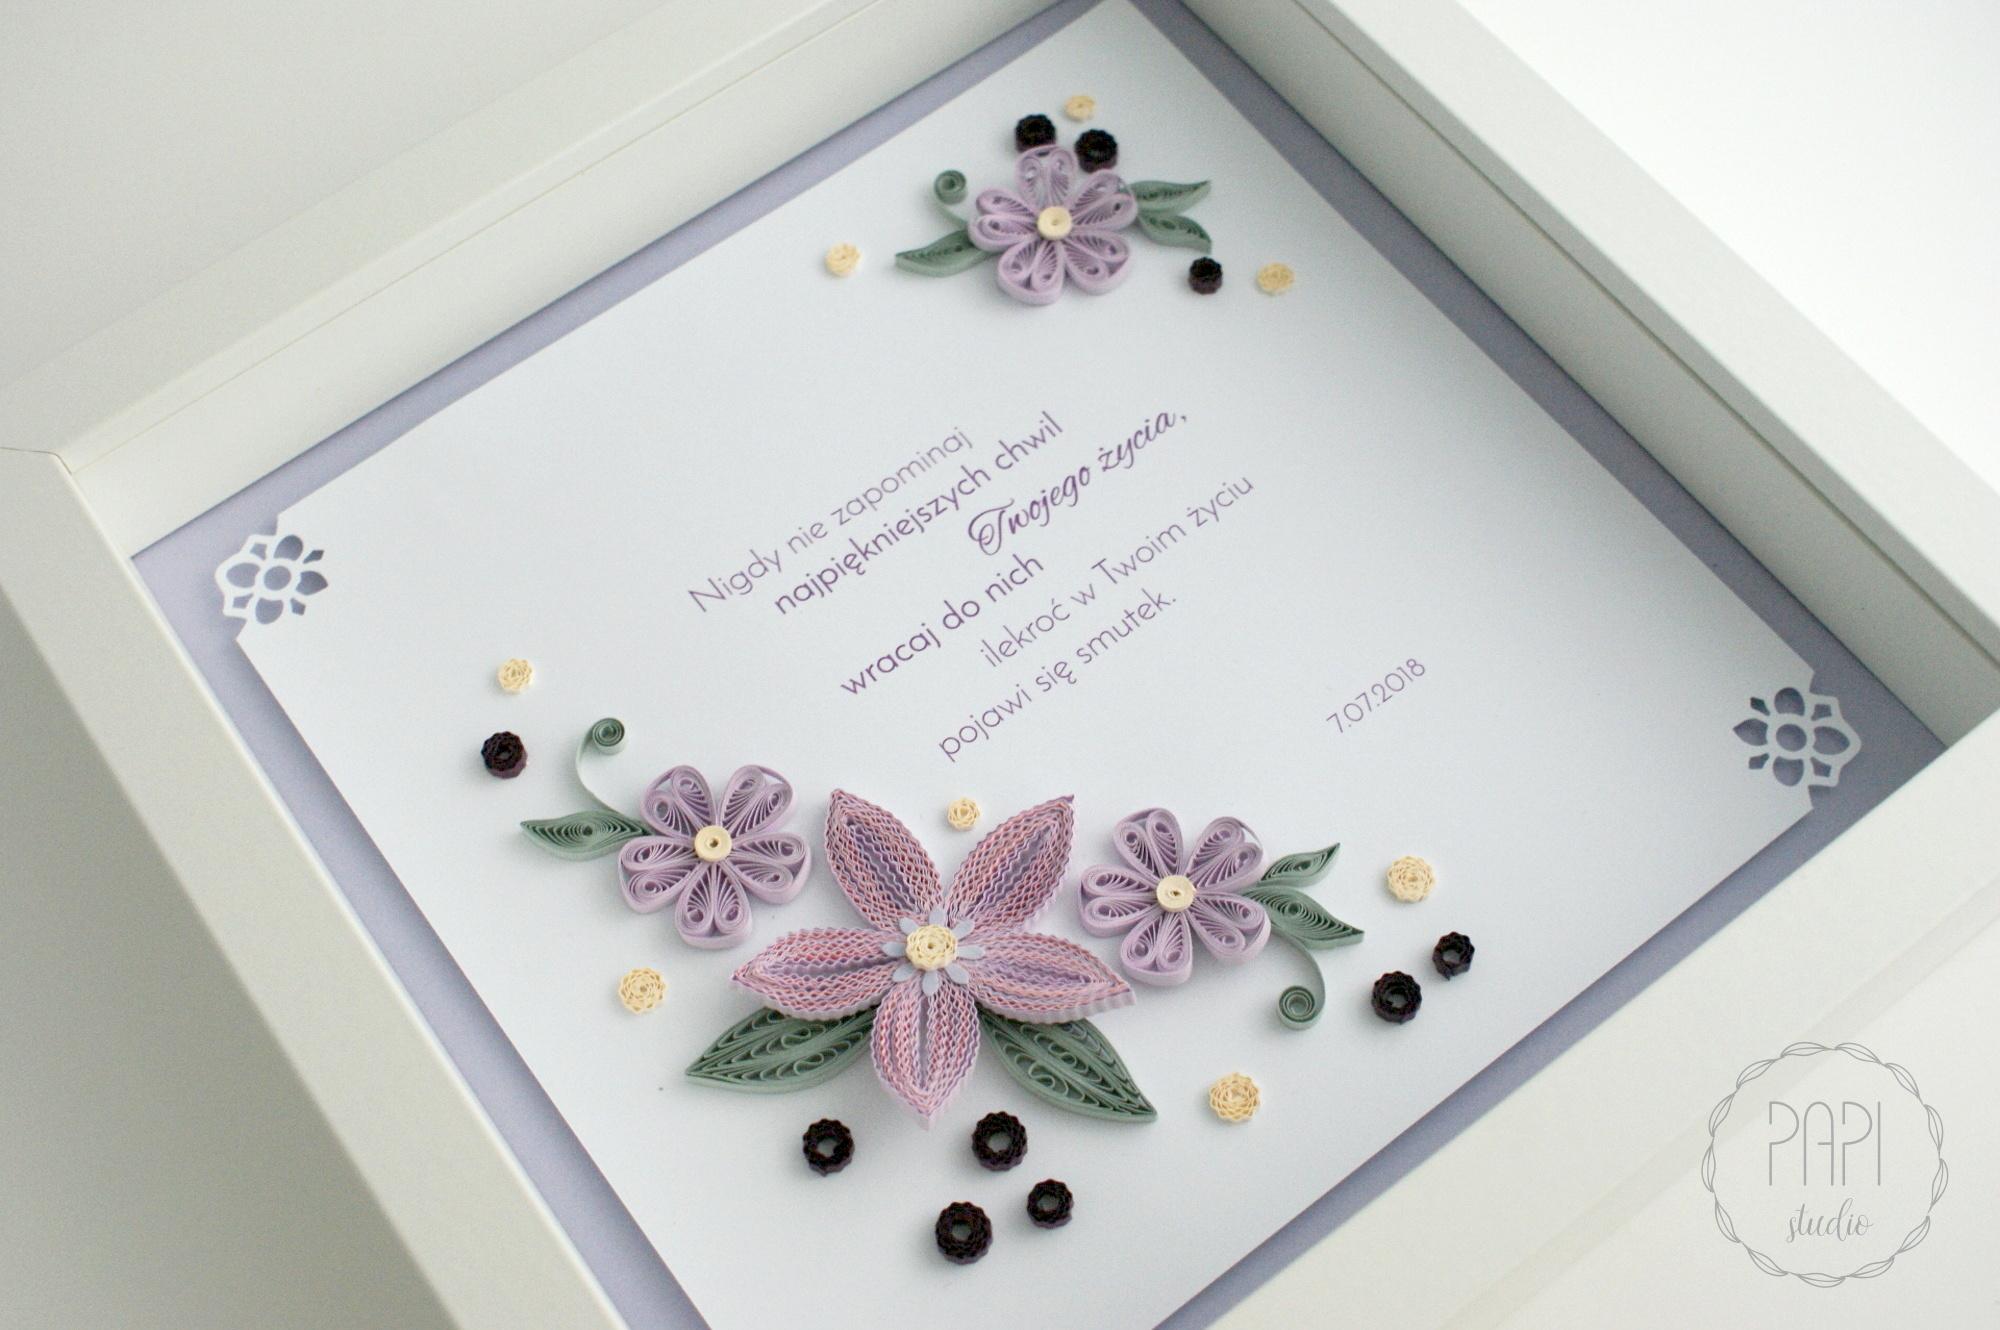 fioletowe kwiaty w ramce 3d